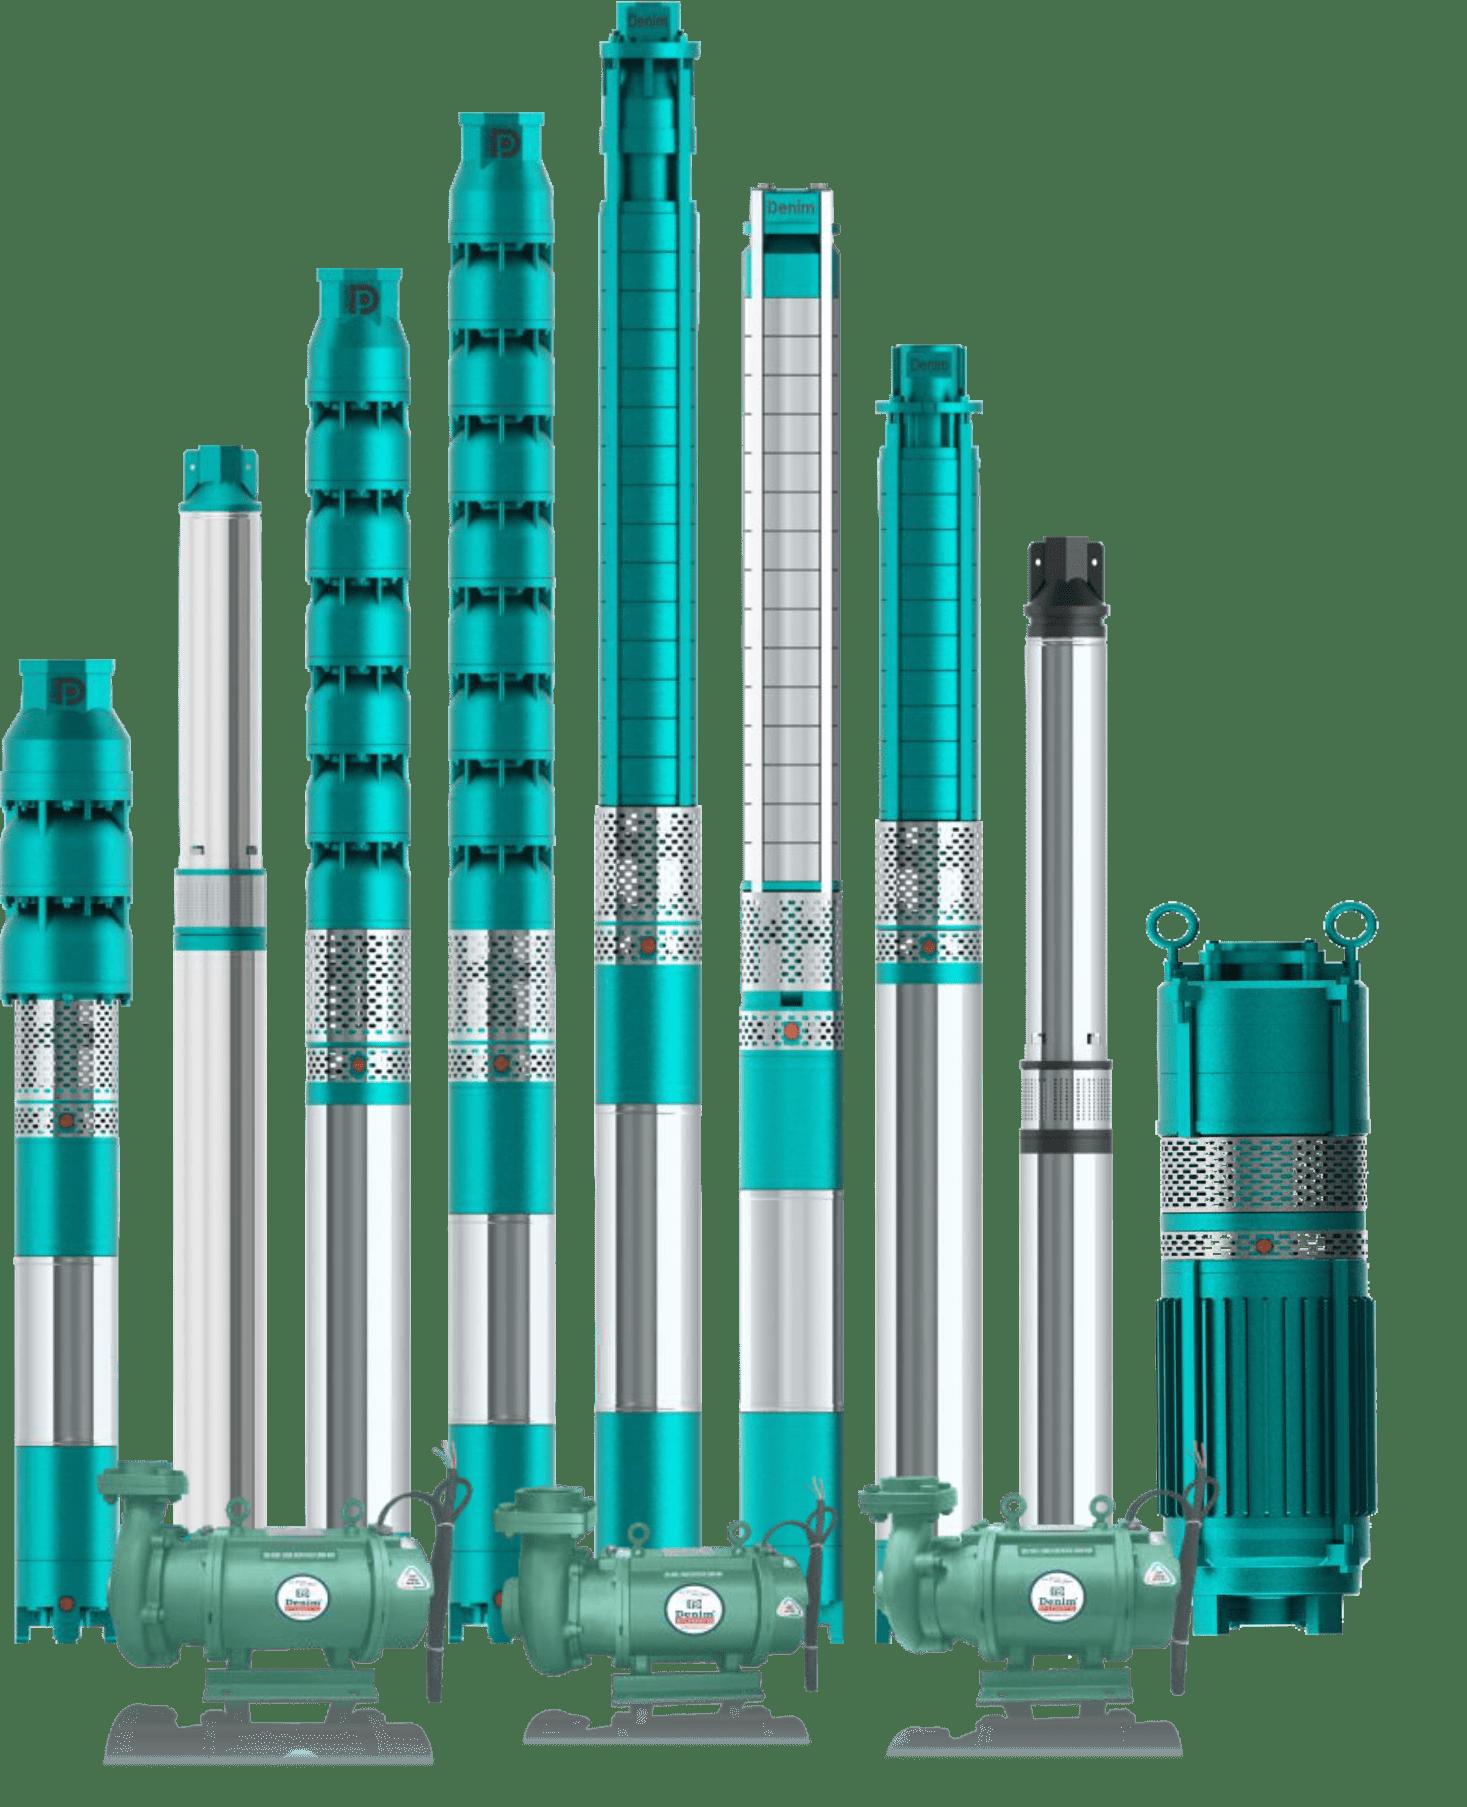 Máy bơm chìm ly tâm - Nguyên lý hoạt động và các loại máy bơm ly tâm